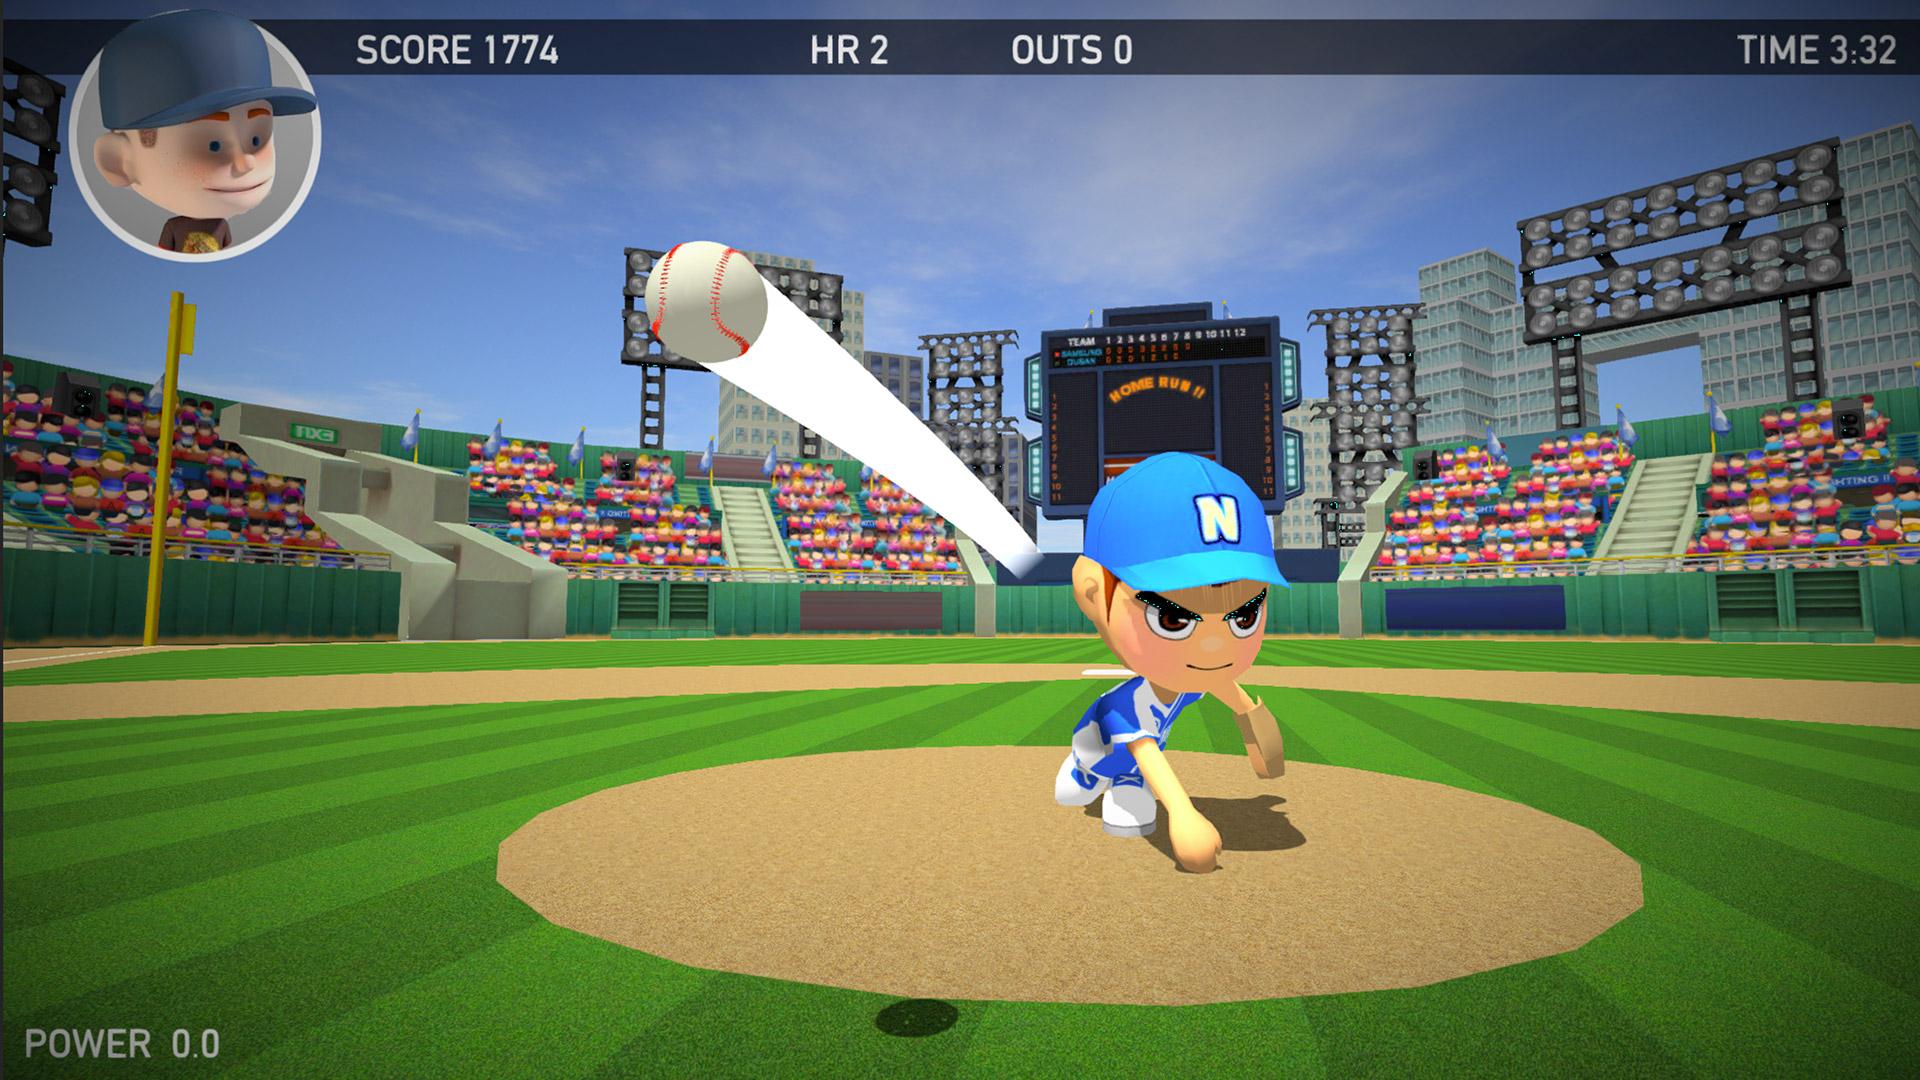 Baseball Games 2016 - Big Hit Home Run Superstar Derby ML screenshot 2